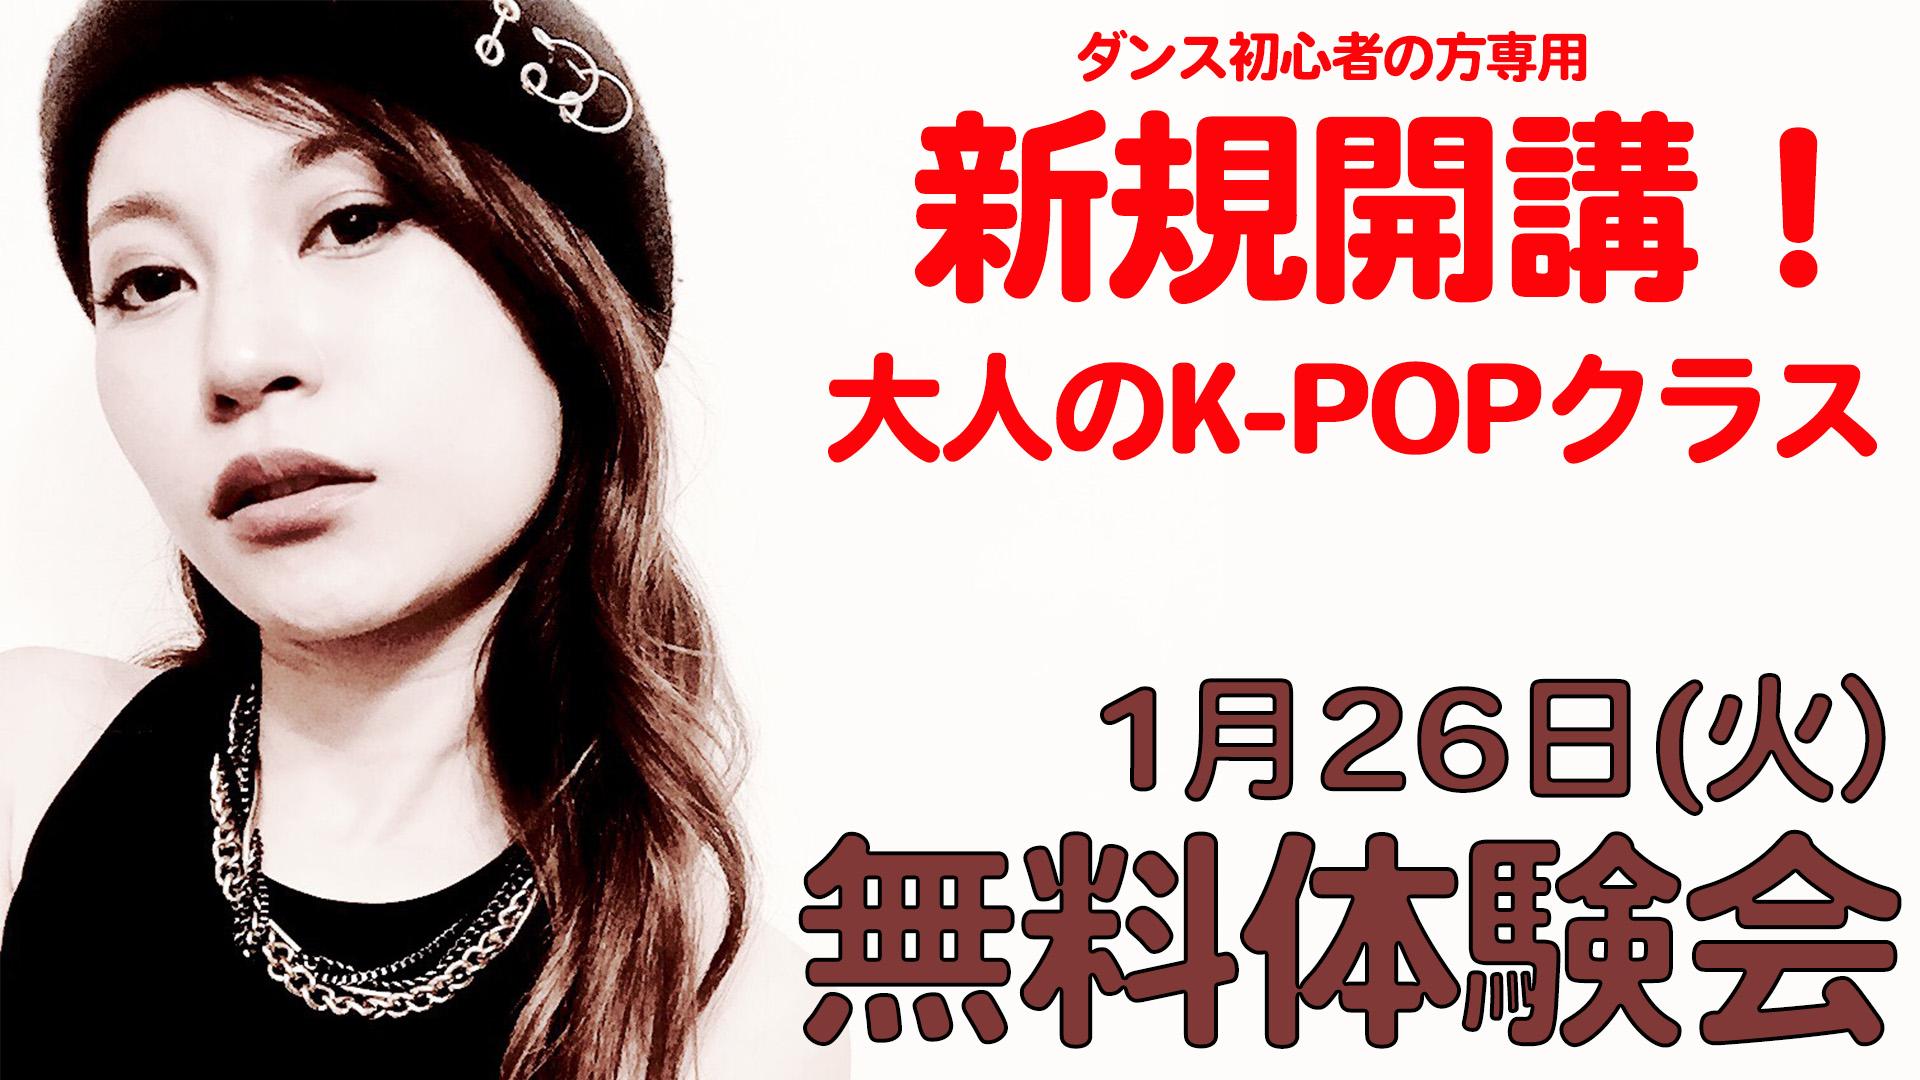 【無料体験会】ダンス初心者の方専用!大人のK-POPクラス新規開講!